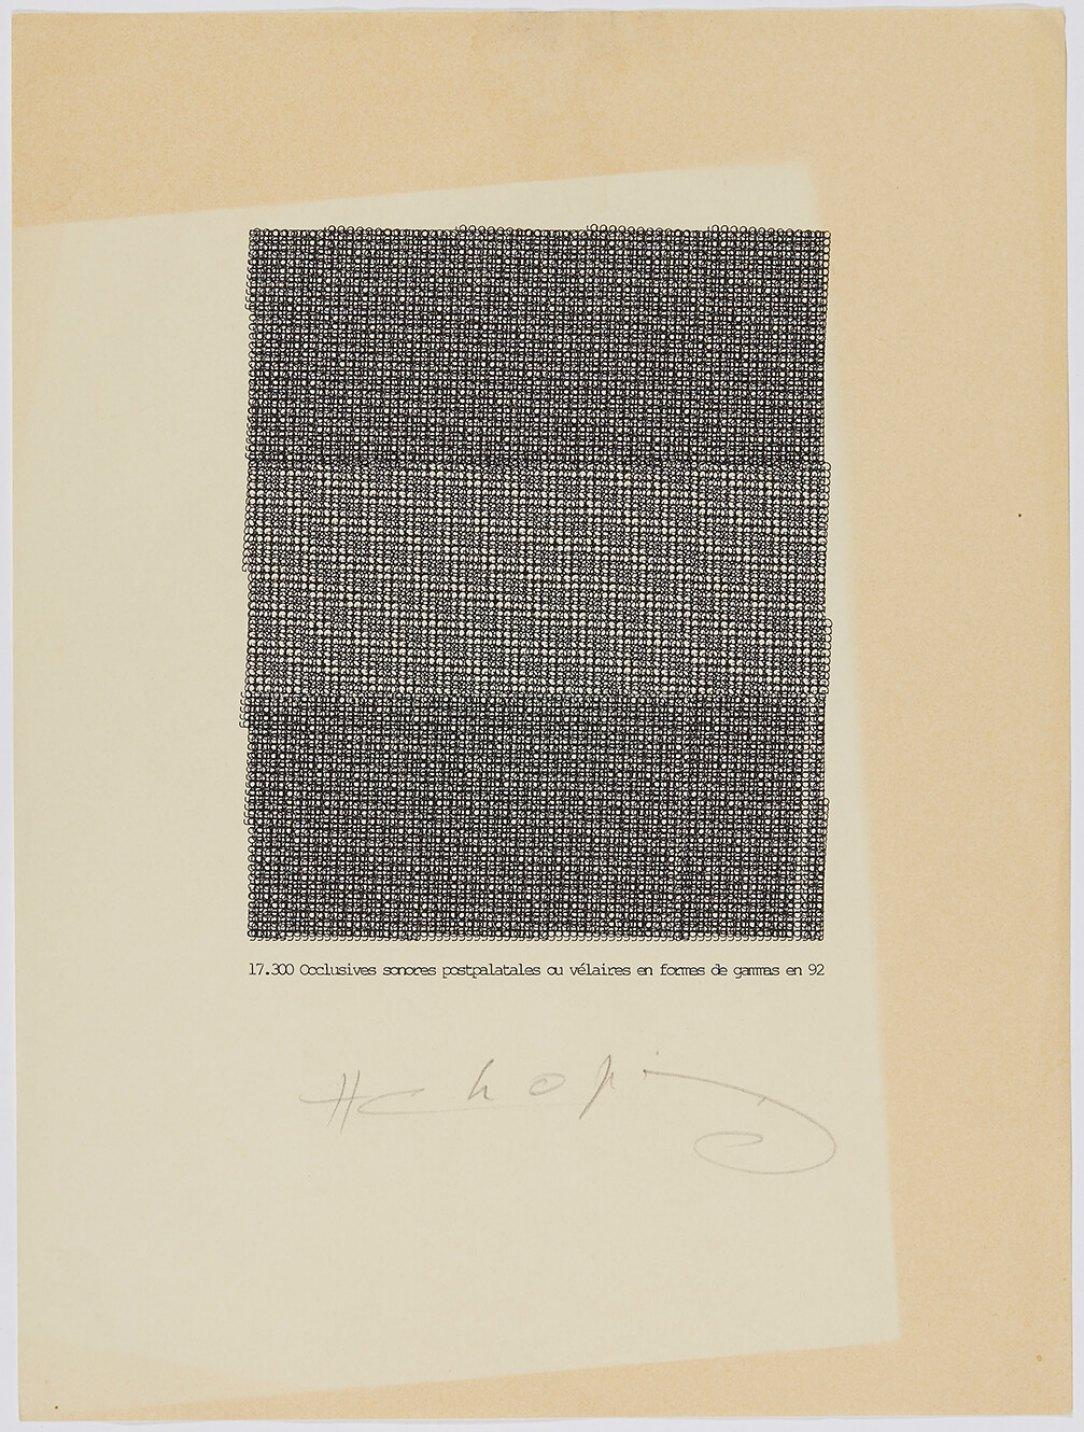 Henri Chopin,<em>17'300</em>, 1992, ink on paper (typewritten poems), 29,7 × 21 cm - Mendes Wood DM